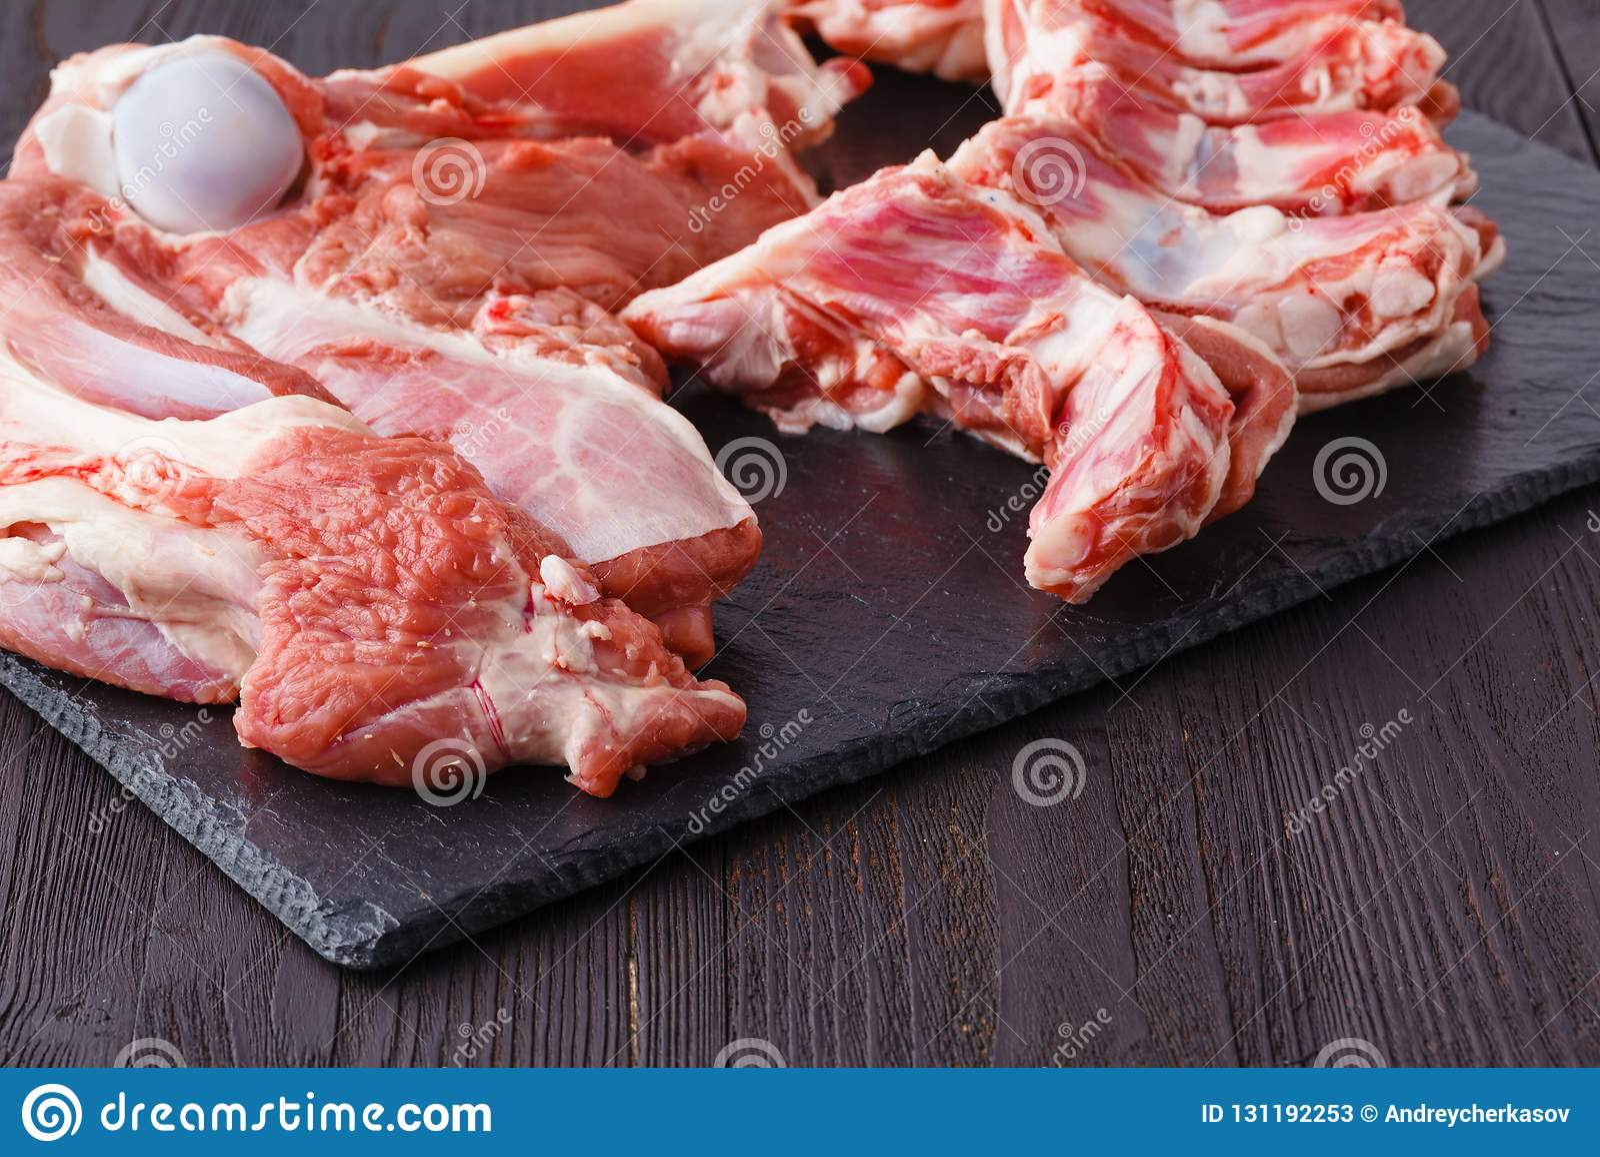 Świeży baranek na tnącej desce gotowej dla kulinarnego grilla